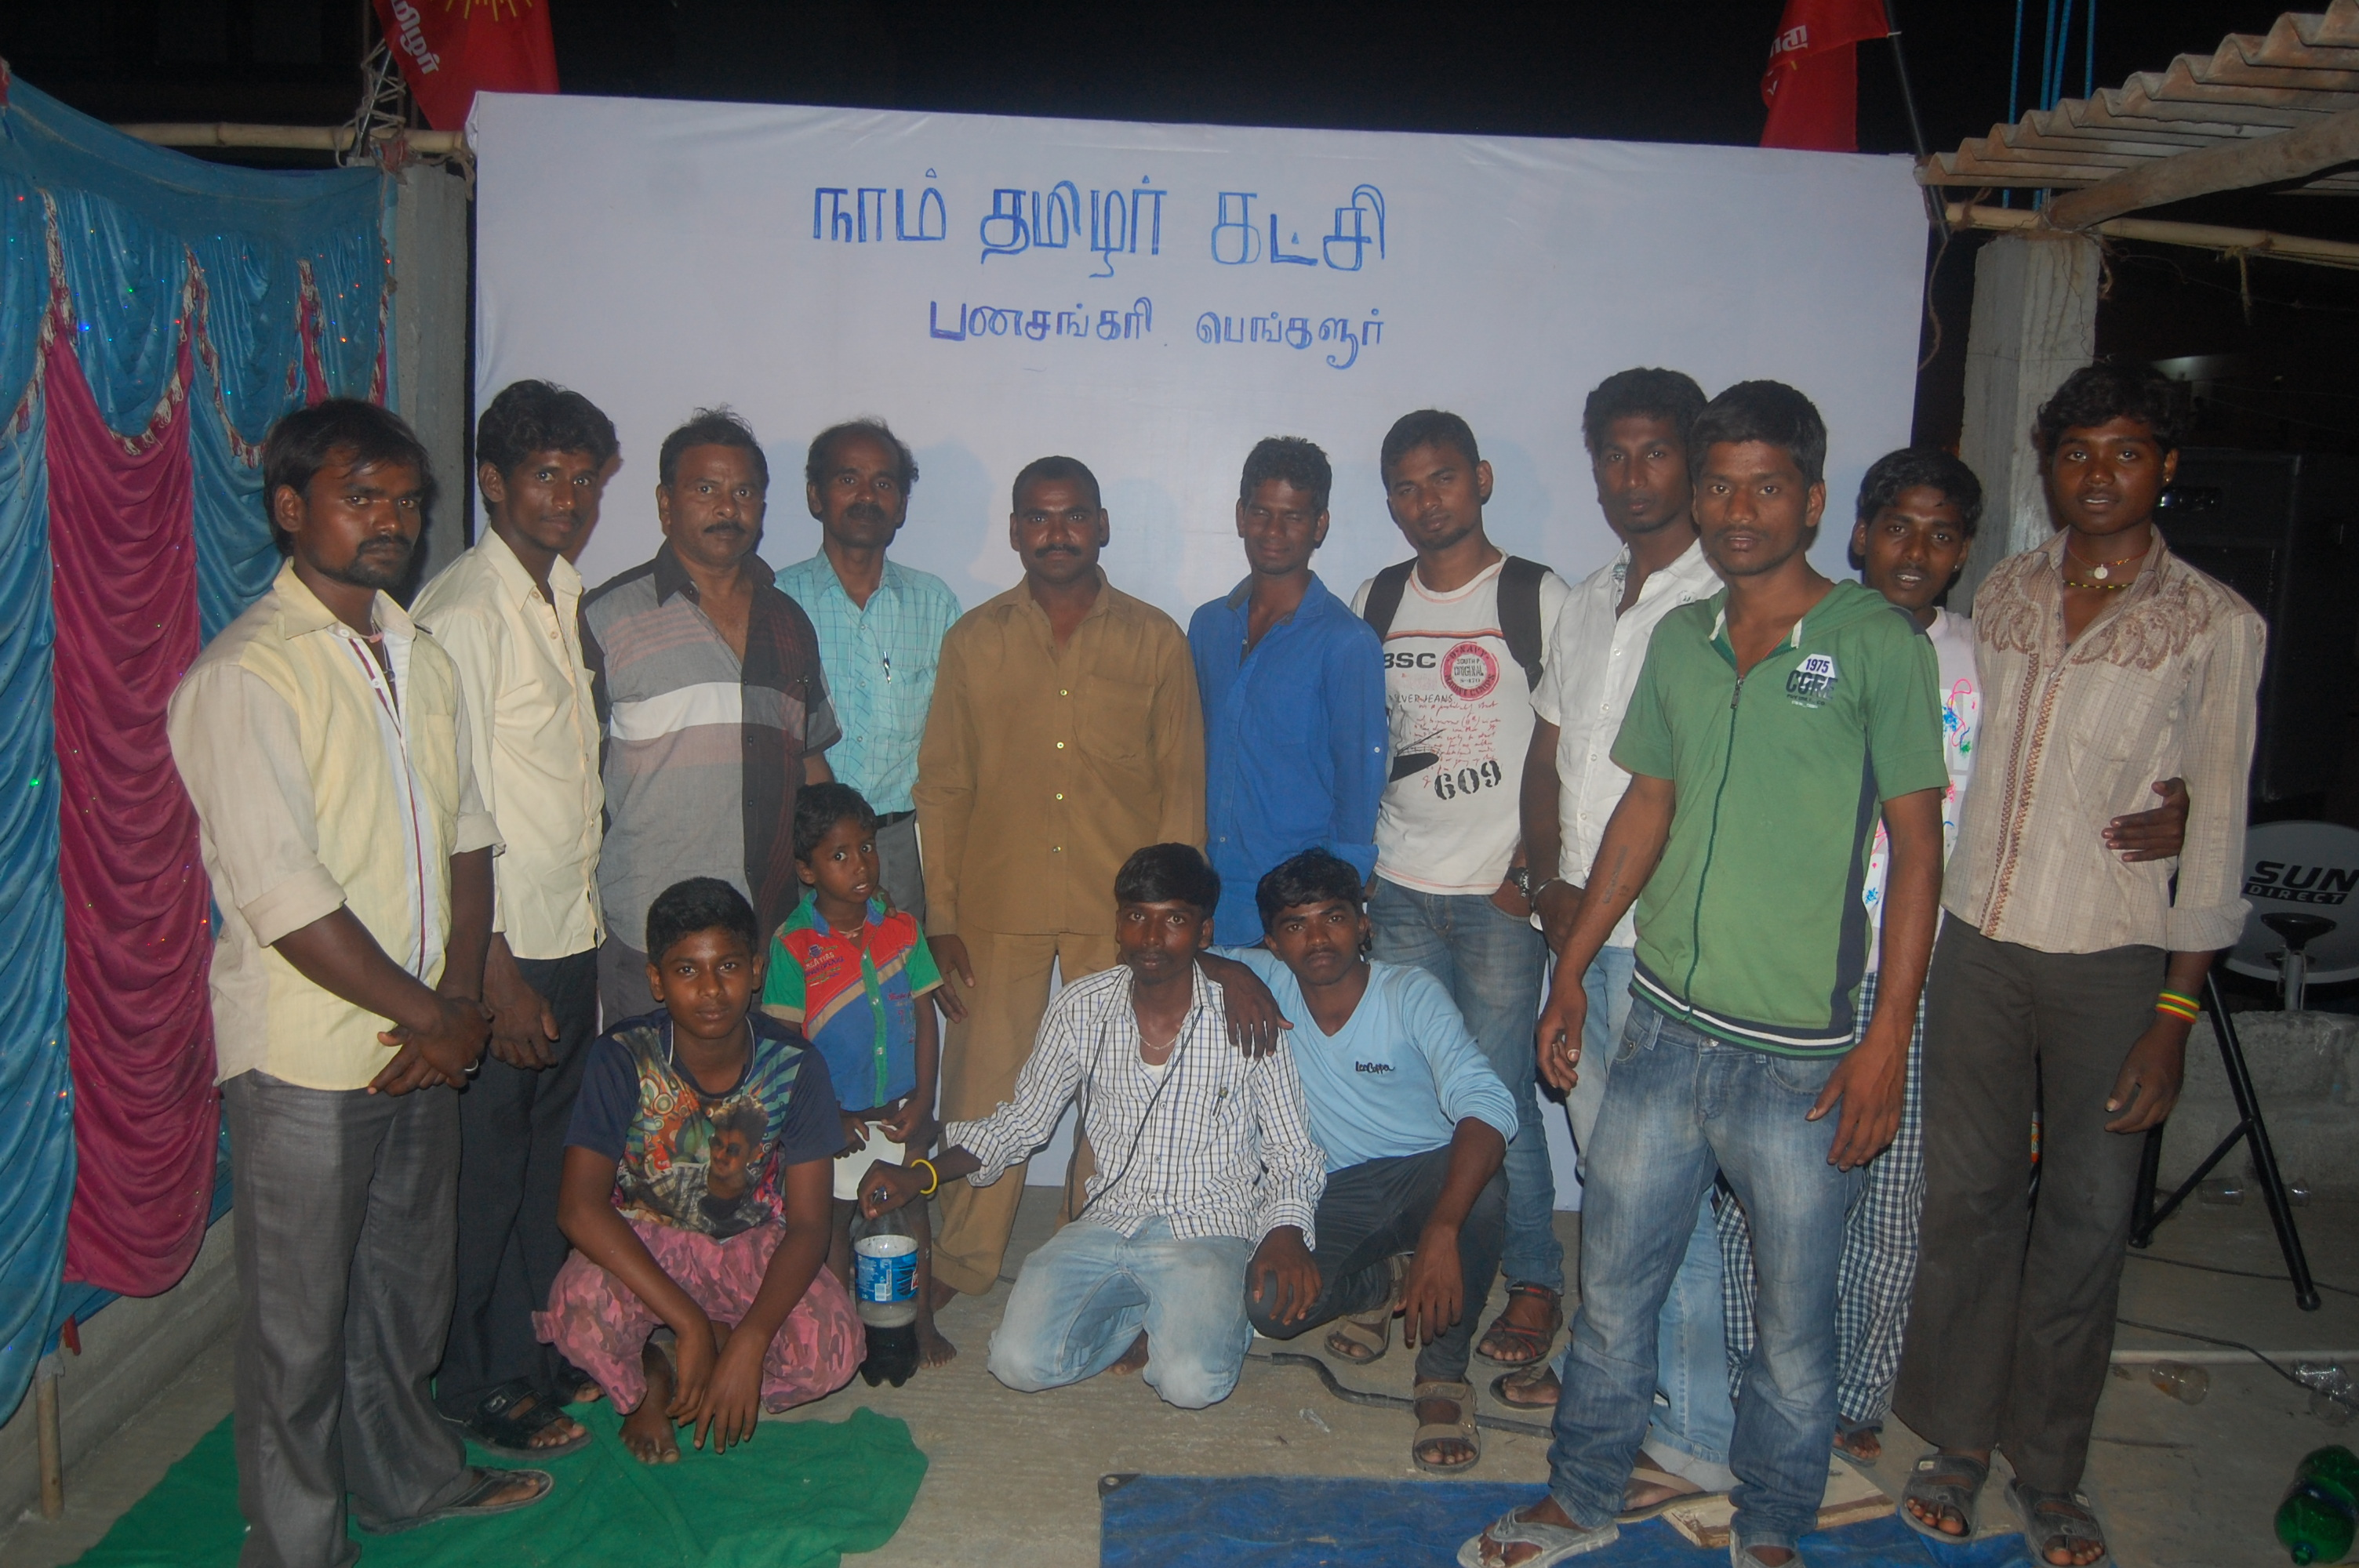 பெங்களூரில் நாம் தமிழர் கட்சி கலந்தாய்வு DSC 5045